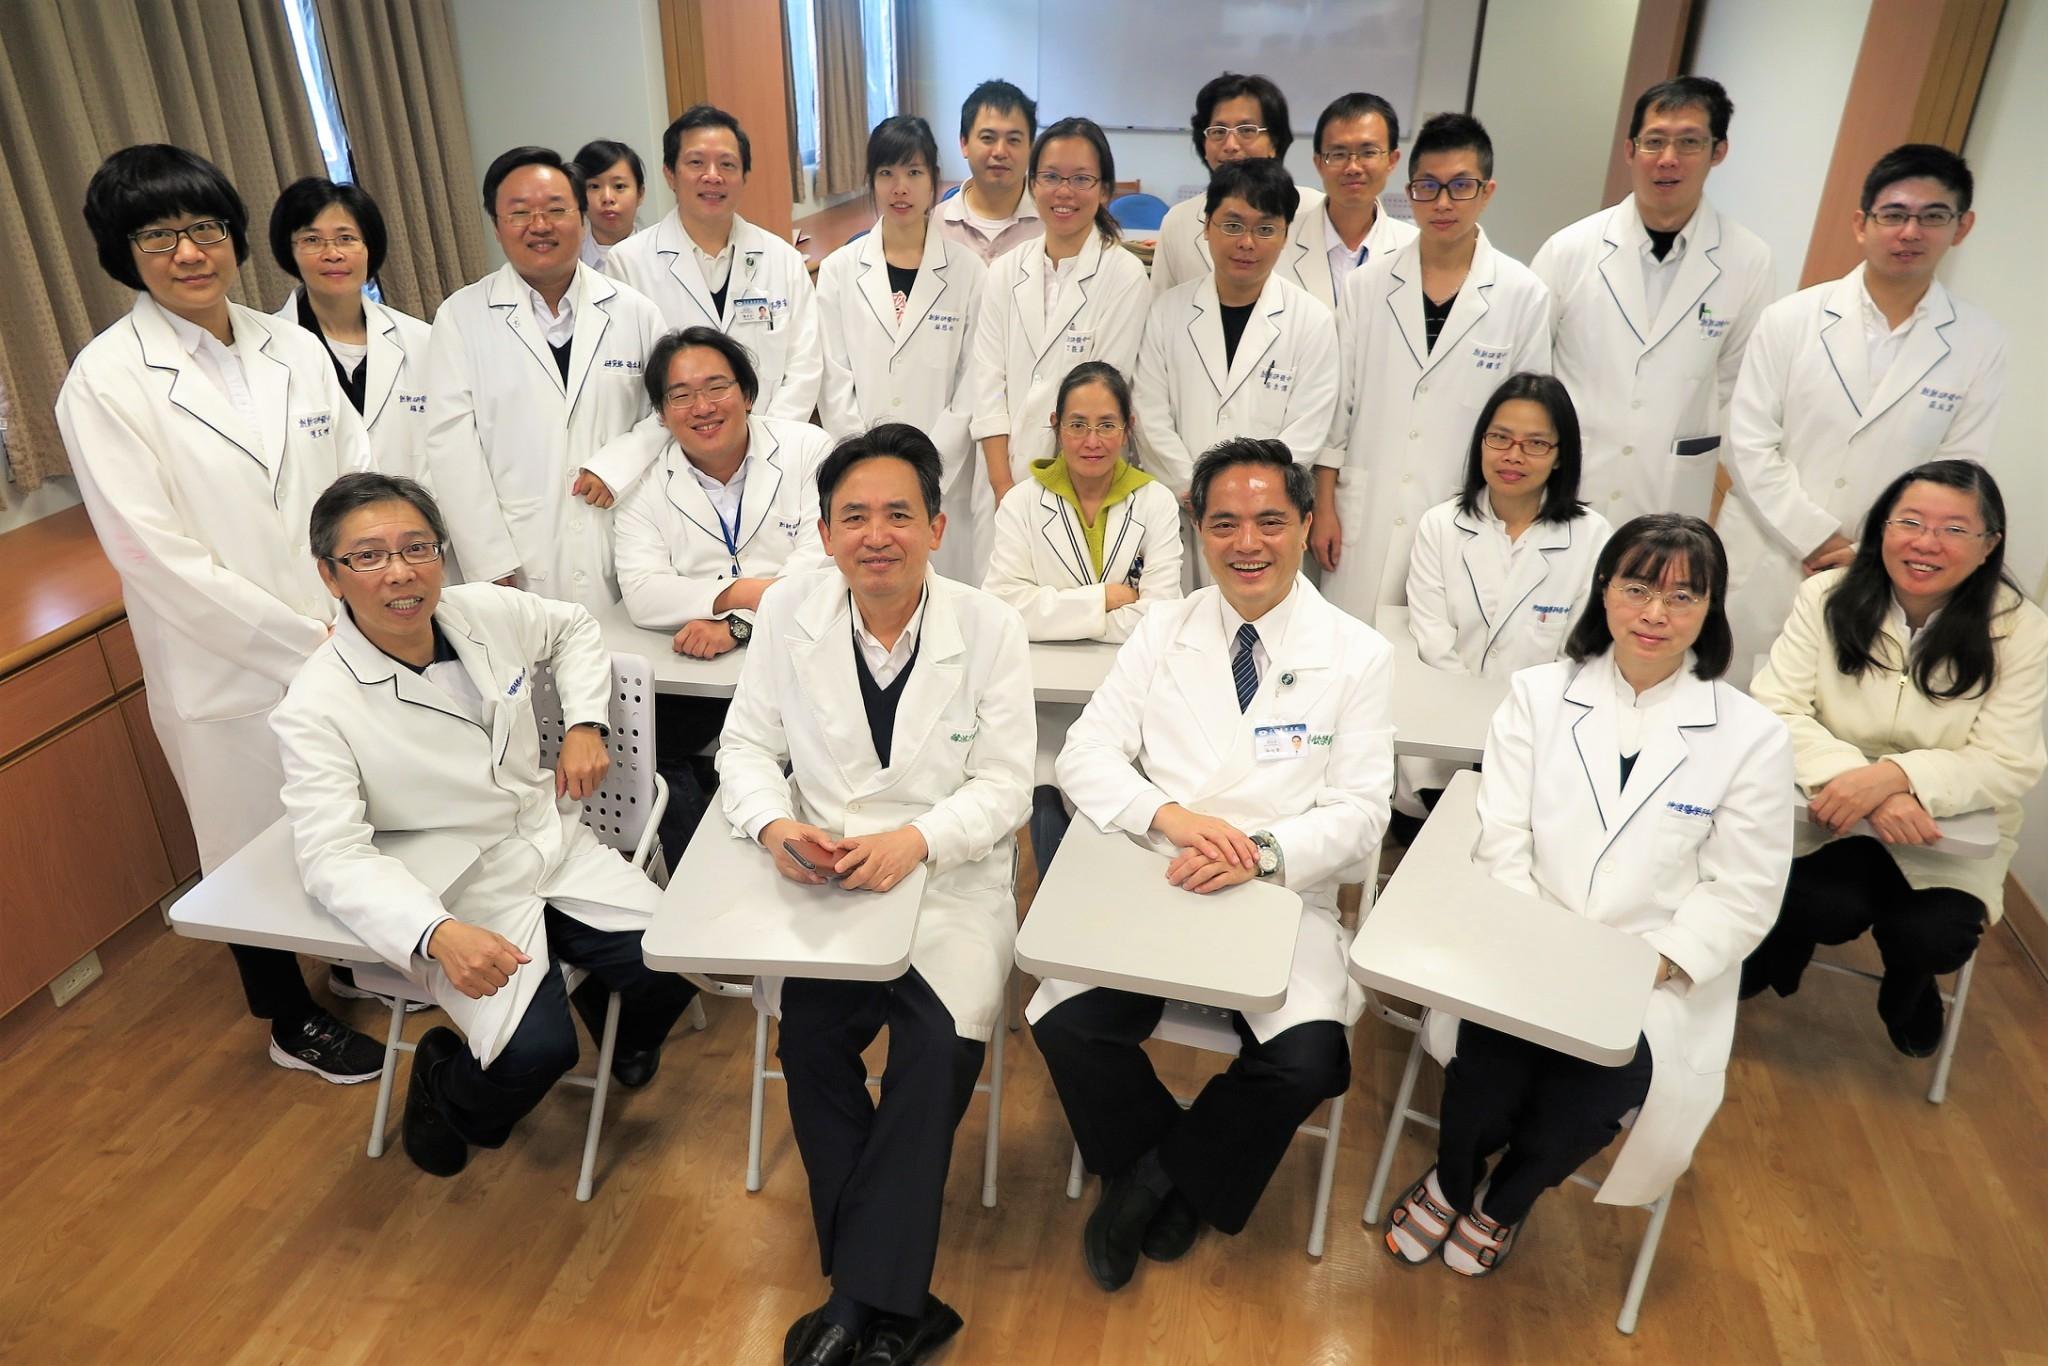 花蓮慈濟醫院跨團隊合作